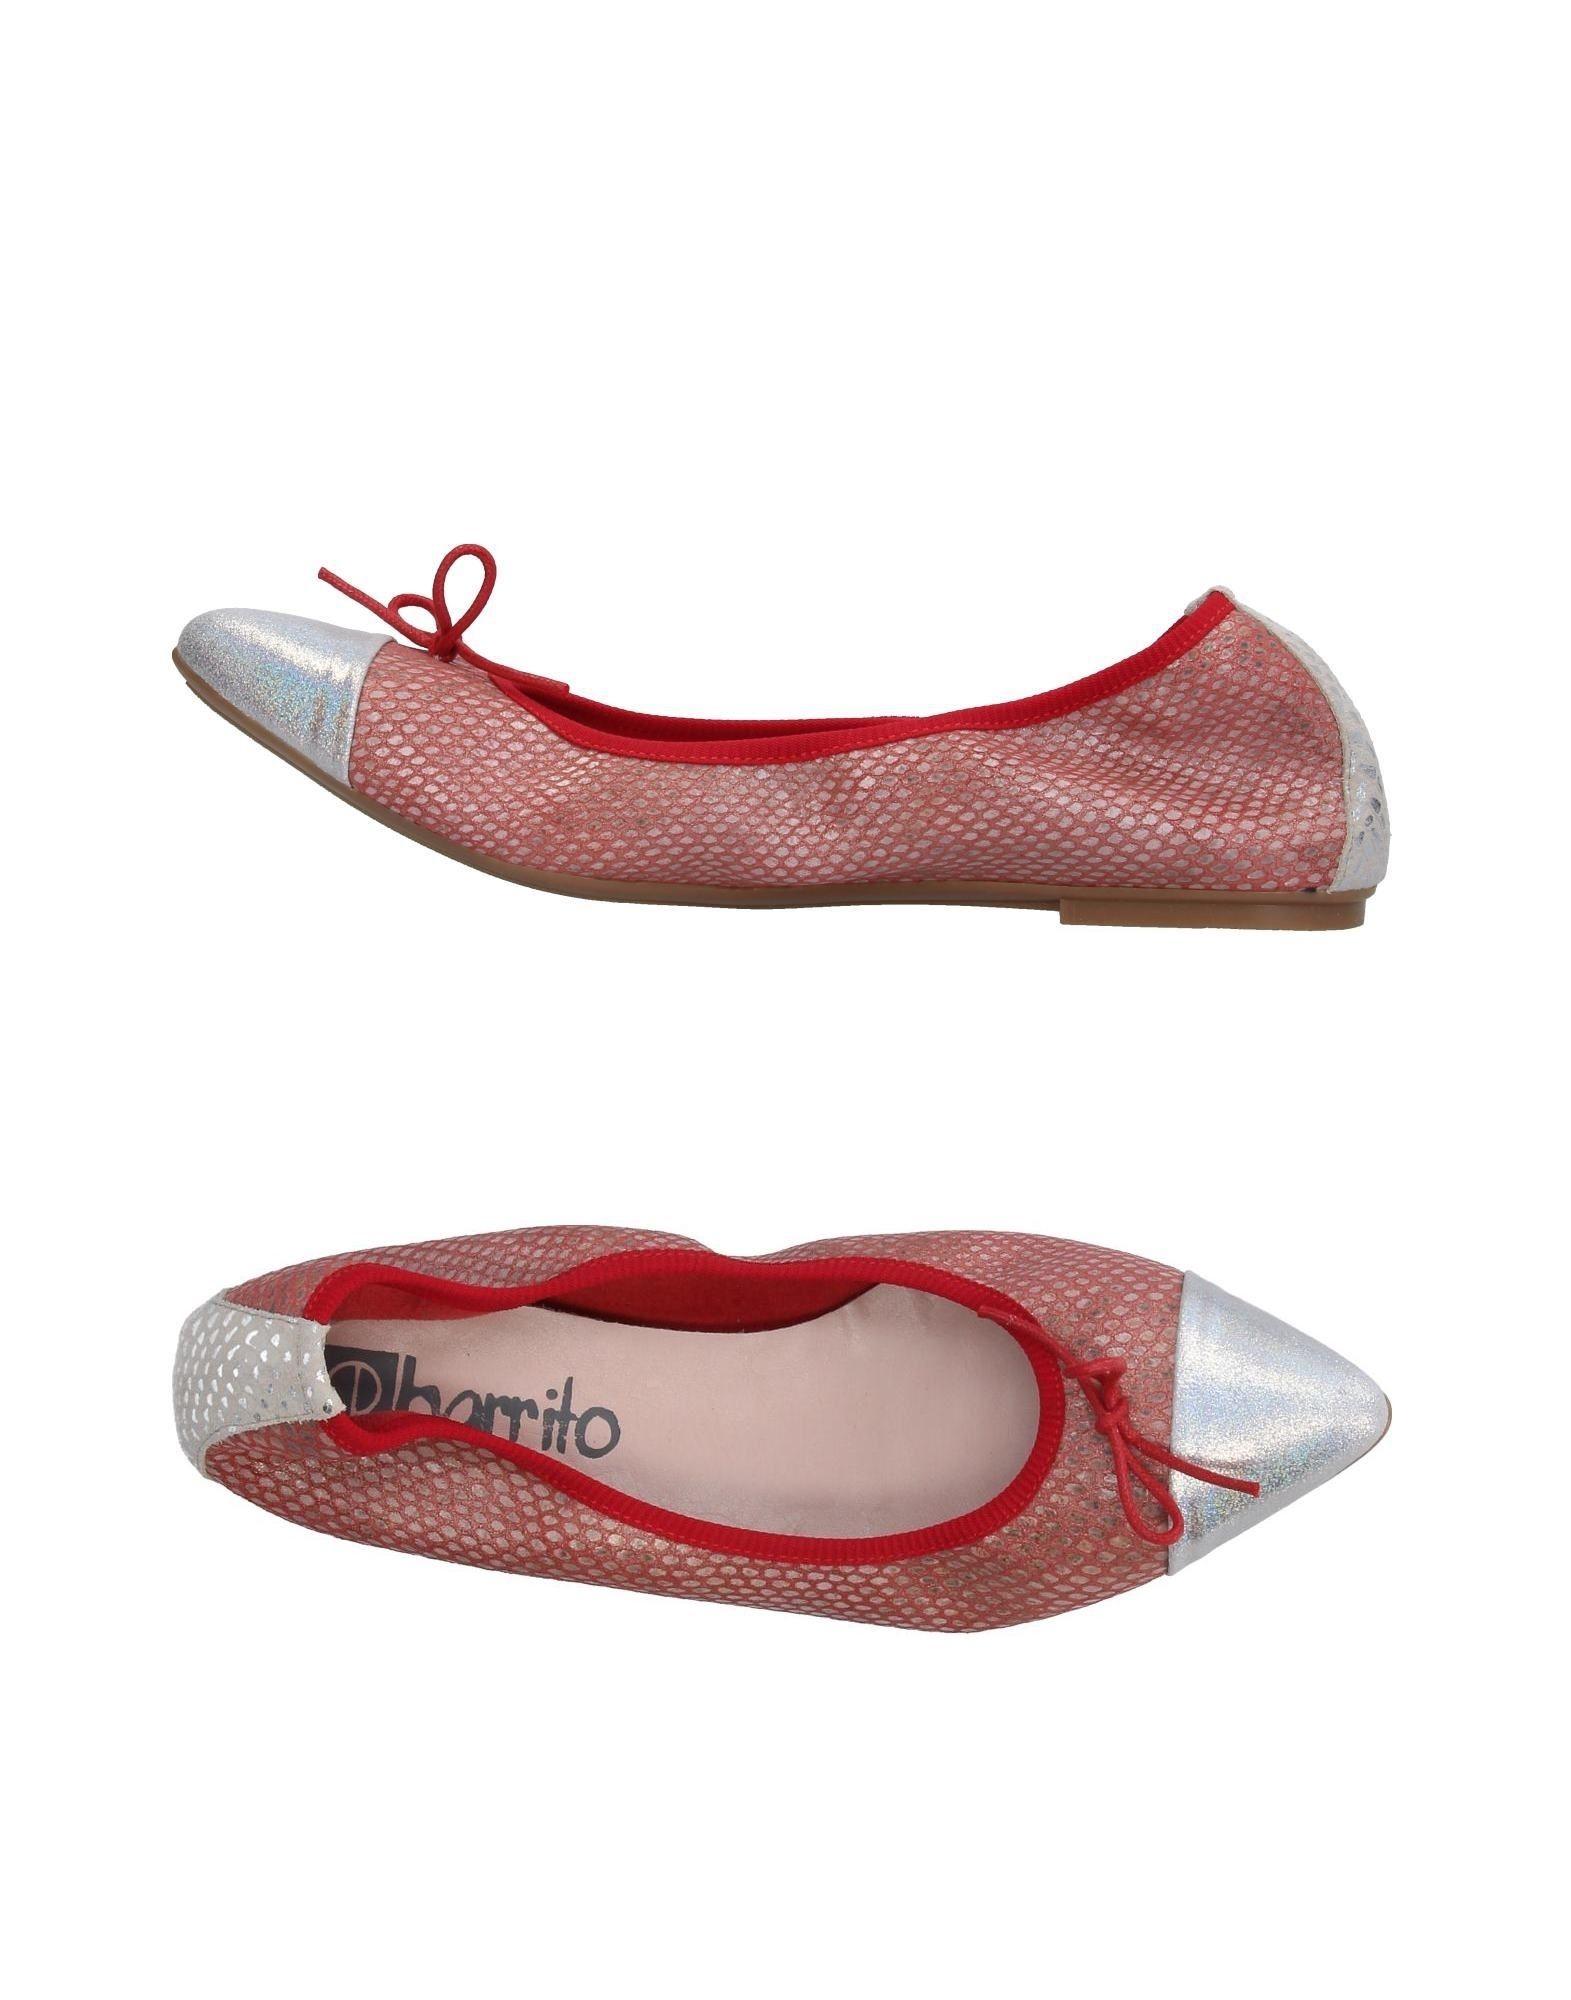 Moda Ballerine Ebarrito Donna - 11396194EC 11396194EC - 664343